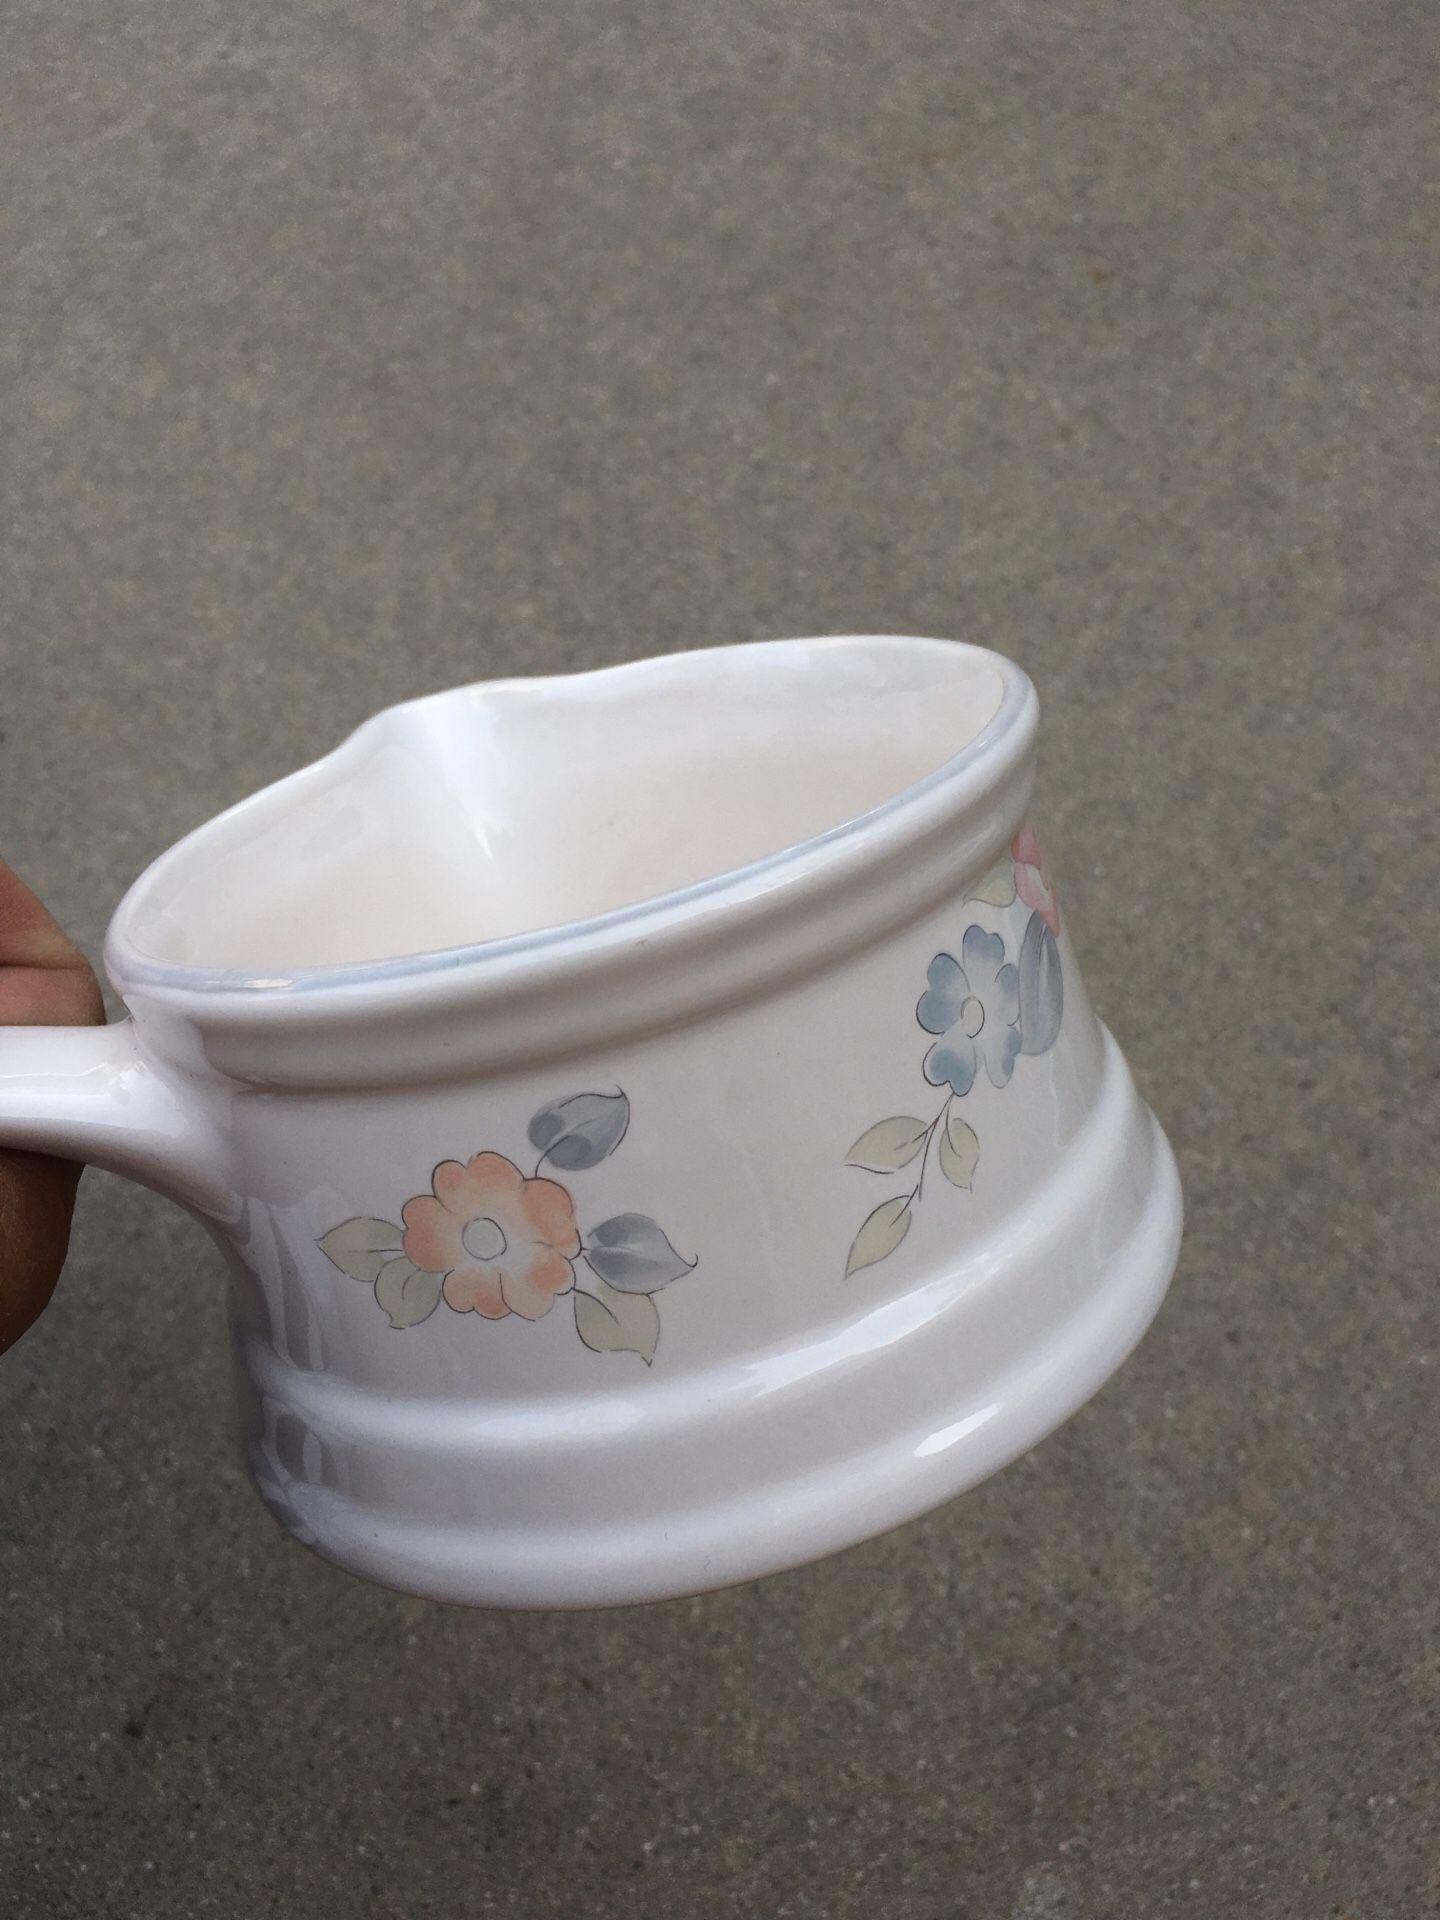 Pfaltzgraff tea rose gravy or butter server